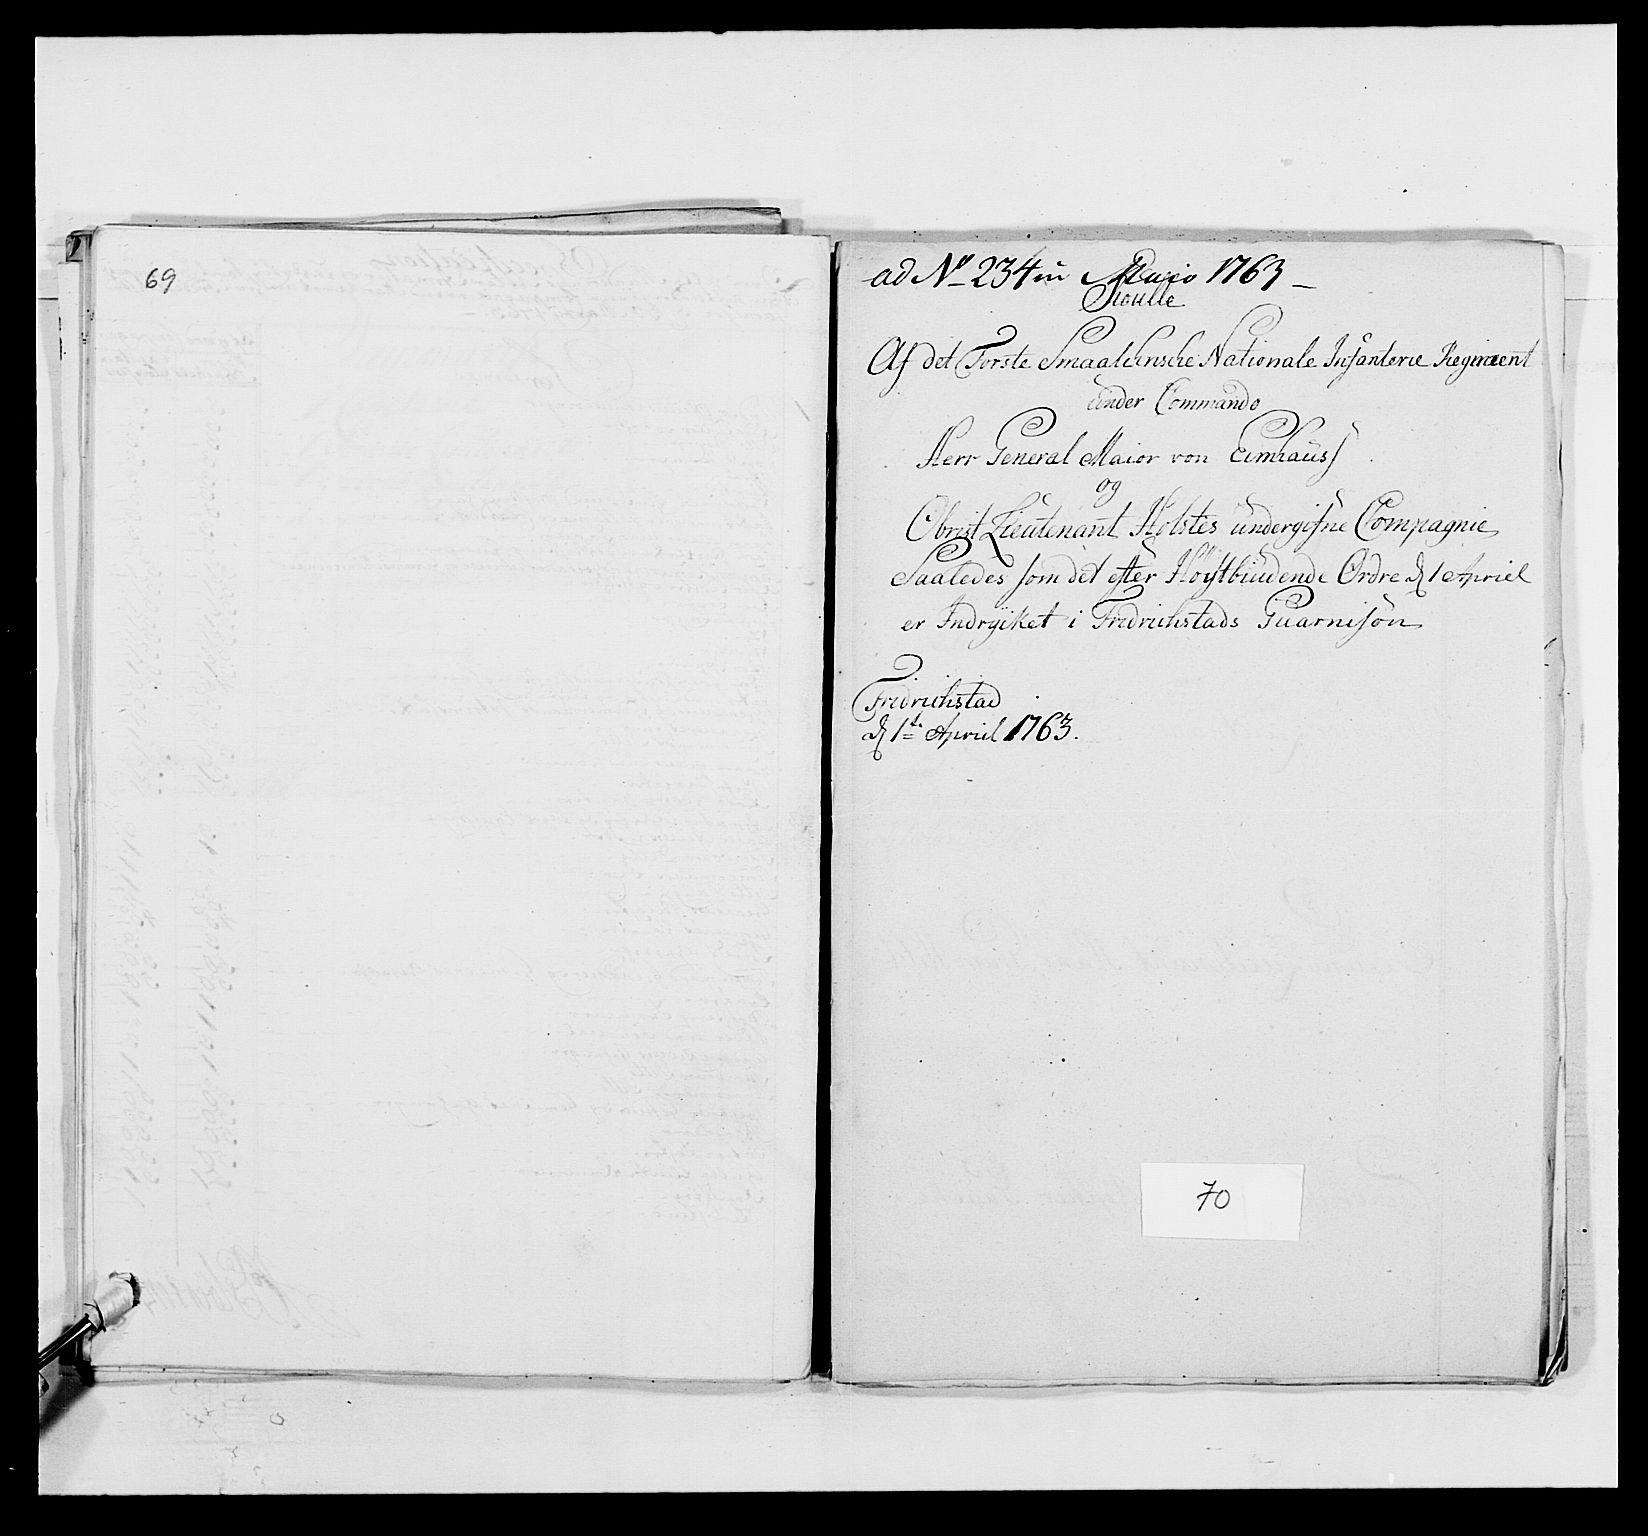 RA, Kommanderende general (KG I) med Det norske krigsdirektorium, E/Ea/L0495: 1. Smålenske regiment, 1732-1763, s. 878